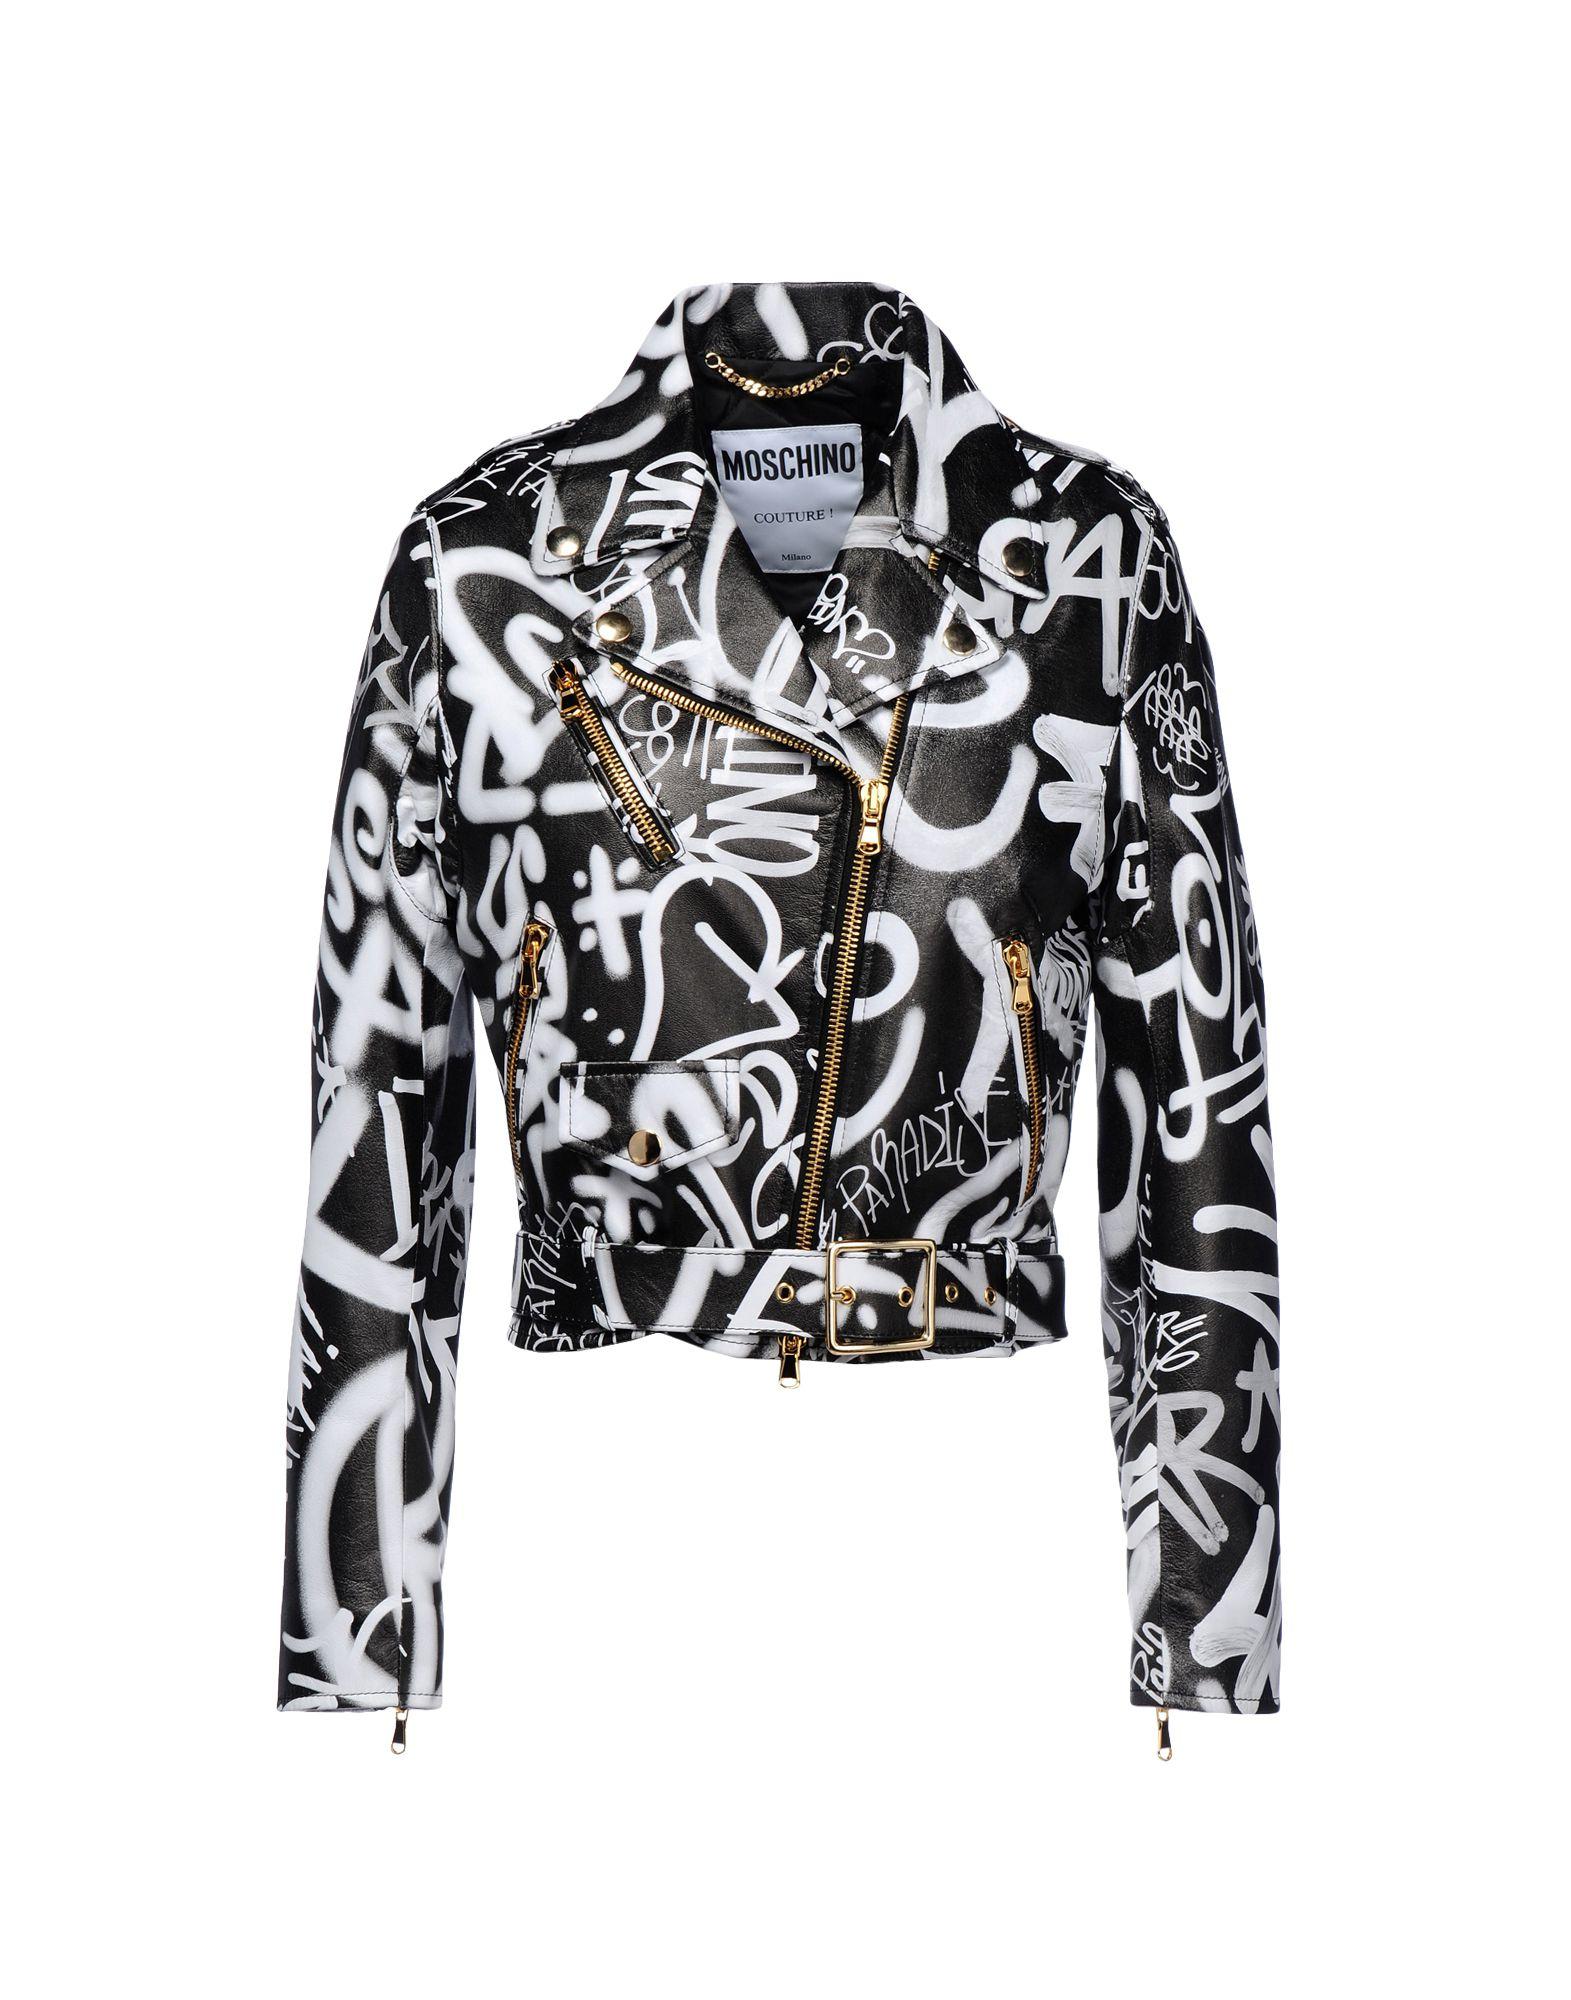 Moschino Graffiti Print Biker Jacket In Black Lyst